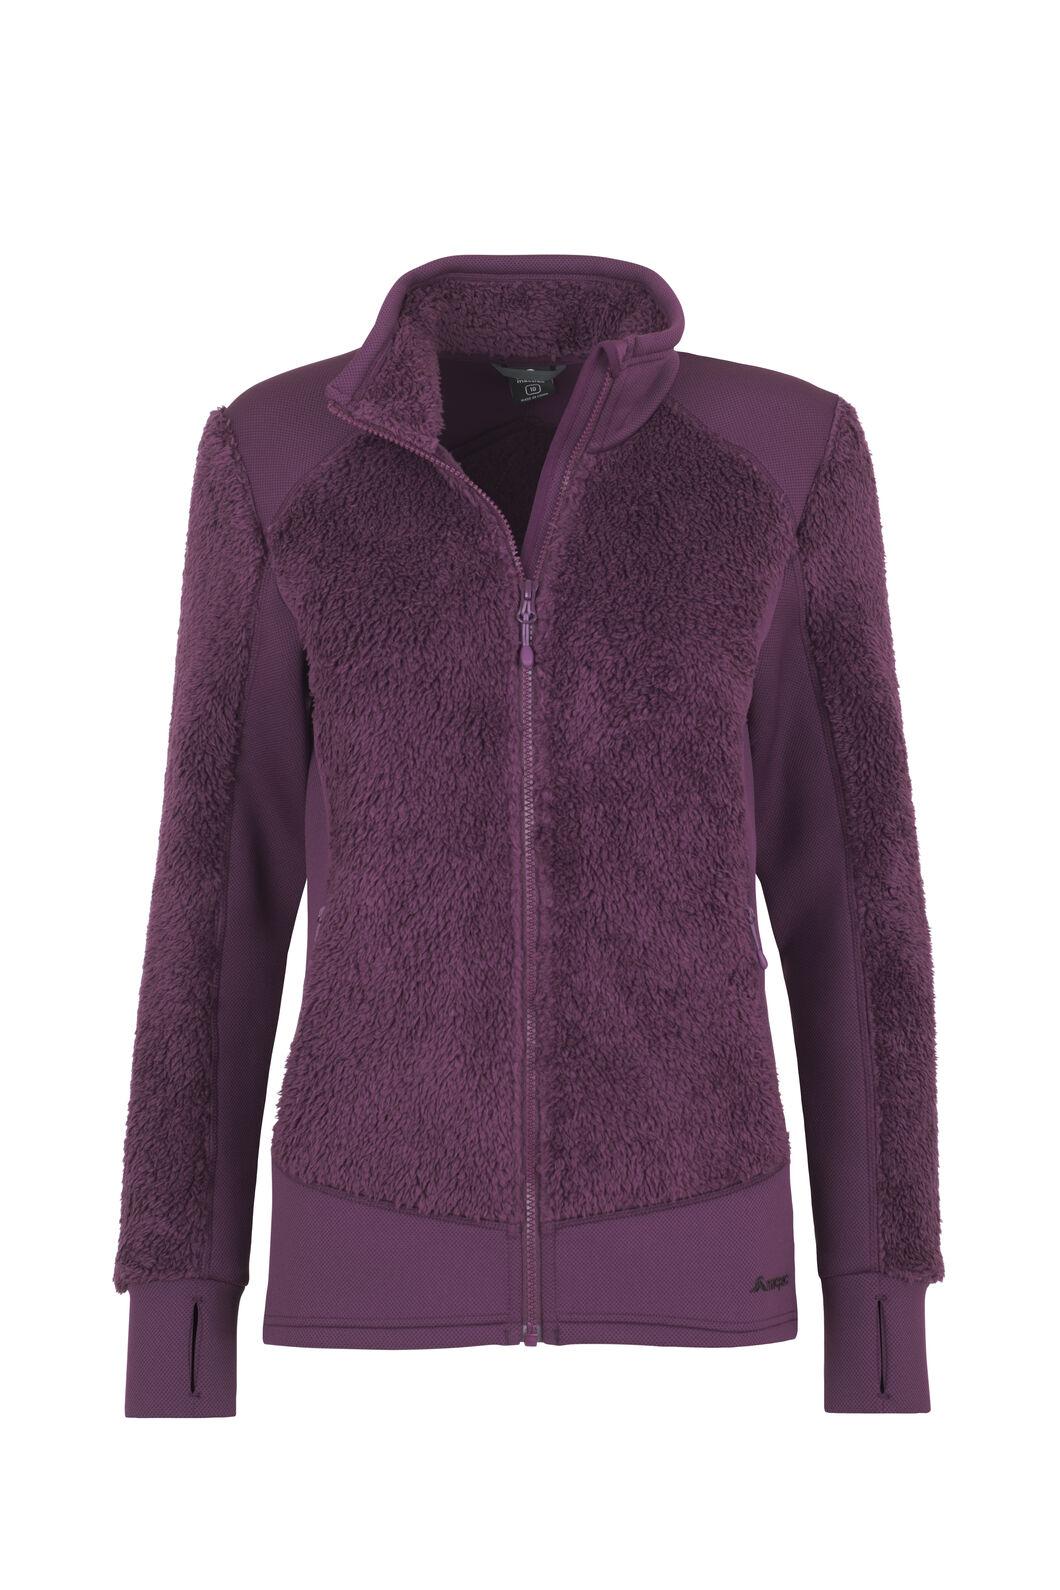 Macpac Haast Sherpa Fleece - Women's, Potent Purple, hi-res